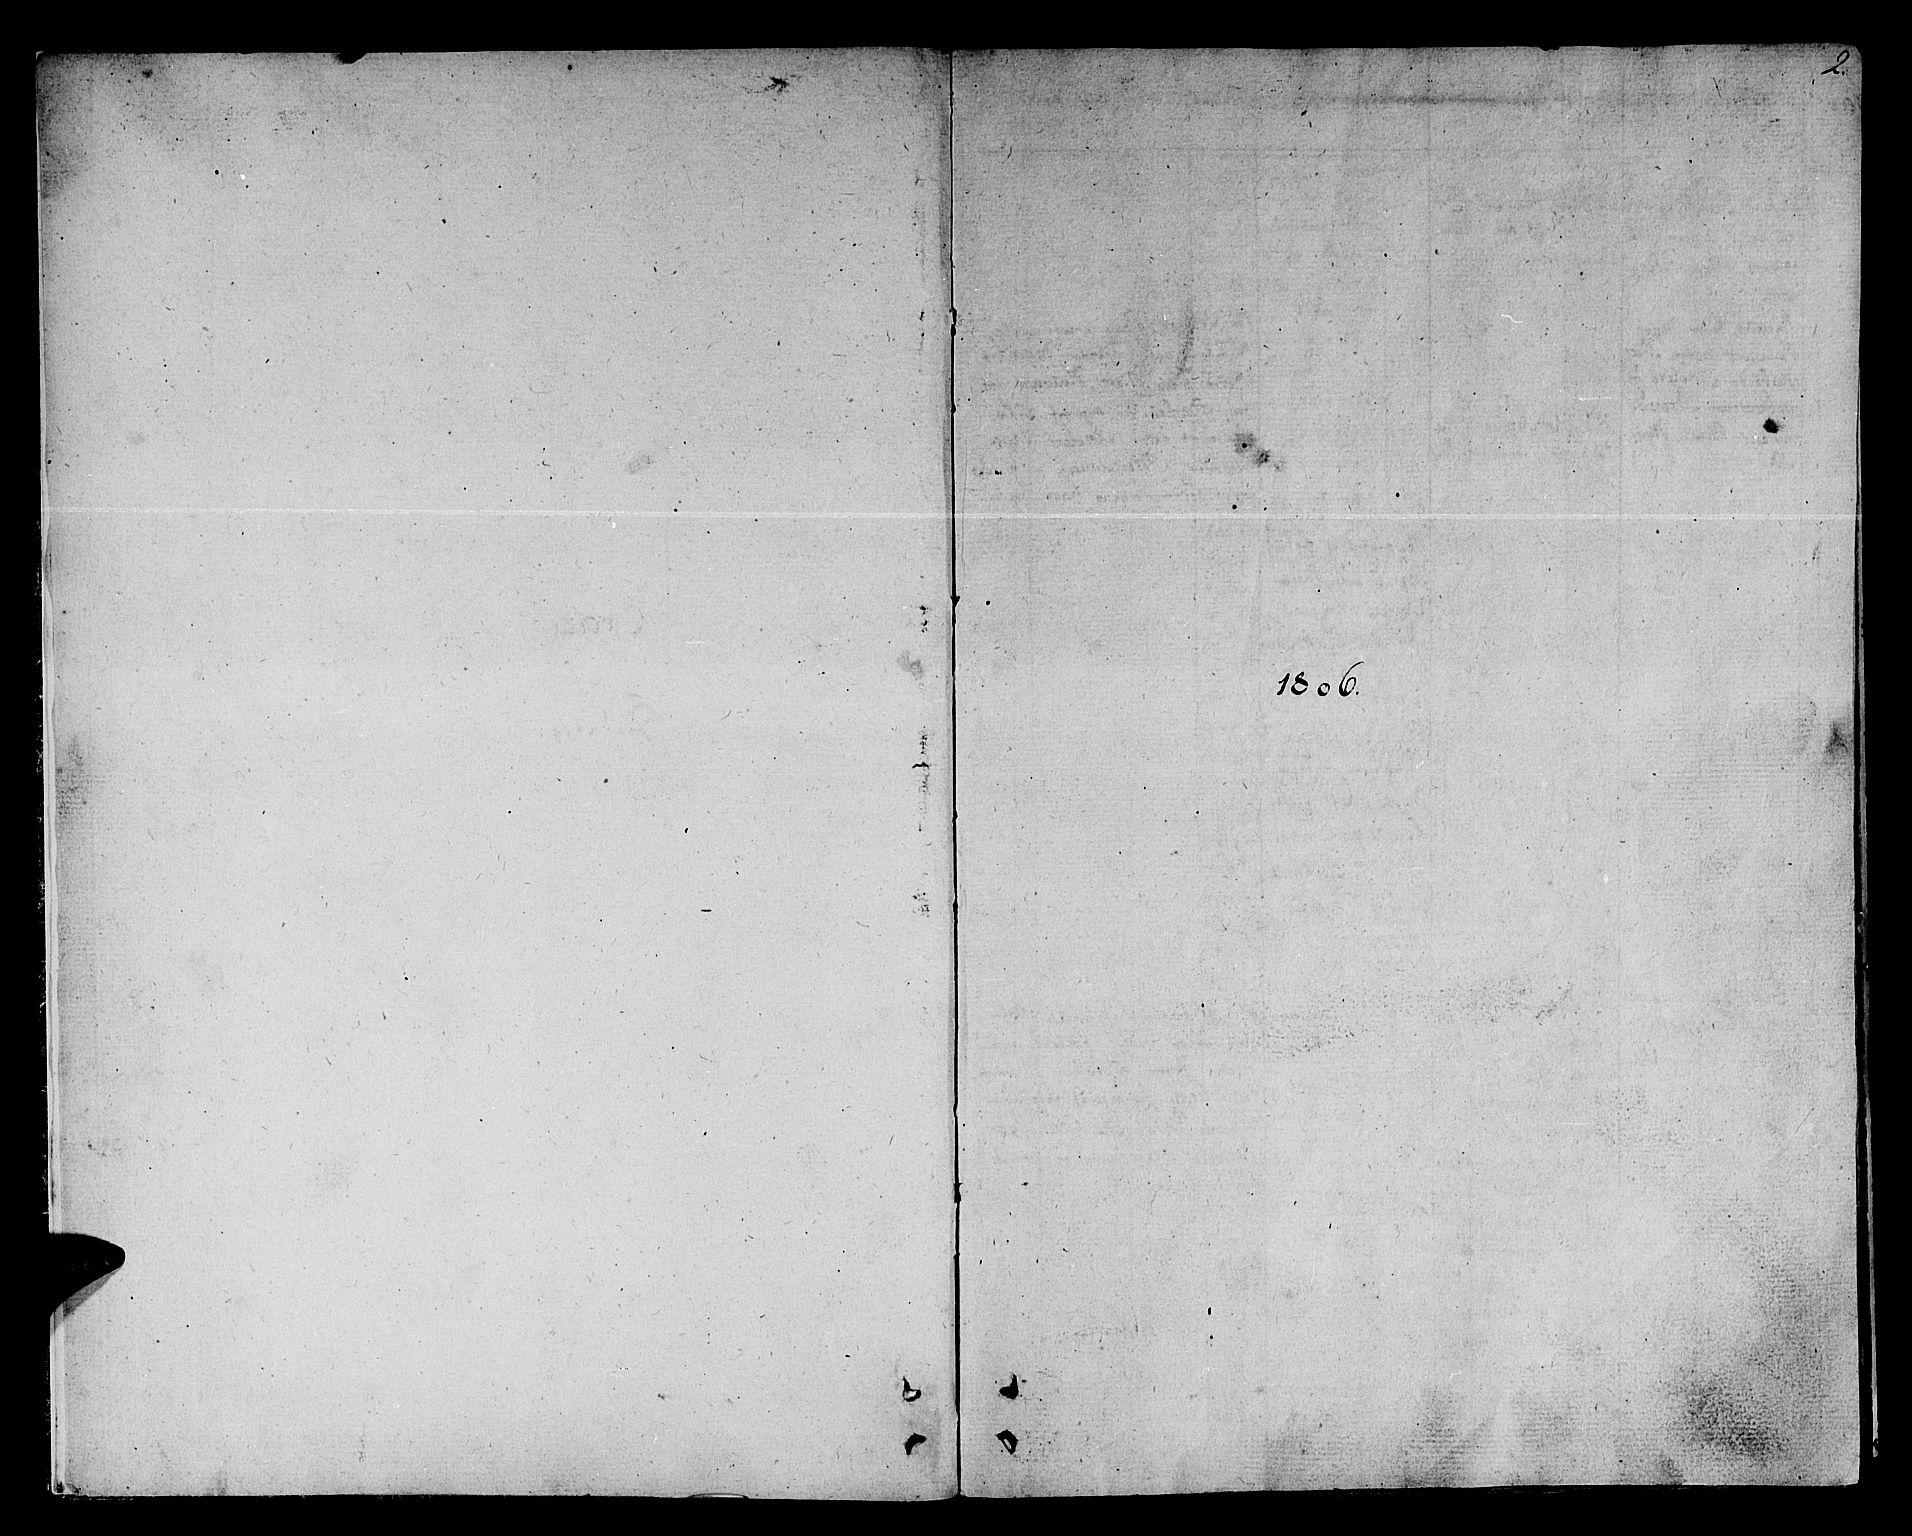 SAT, Ministerialprotokoller, klokkerbøker og fødselsregistre - Sør-Trøndelag, 678/L0894: Ministerialbok nr. 678A04, 1806-1815, s. 2